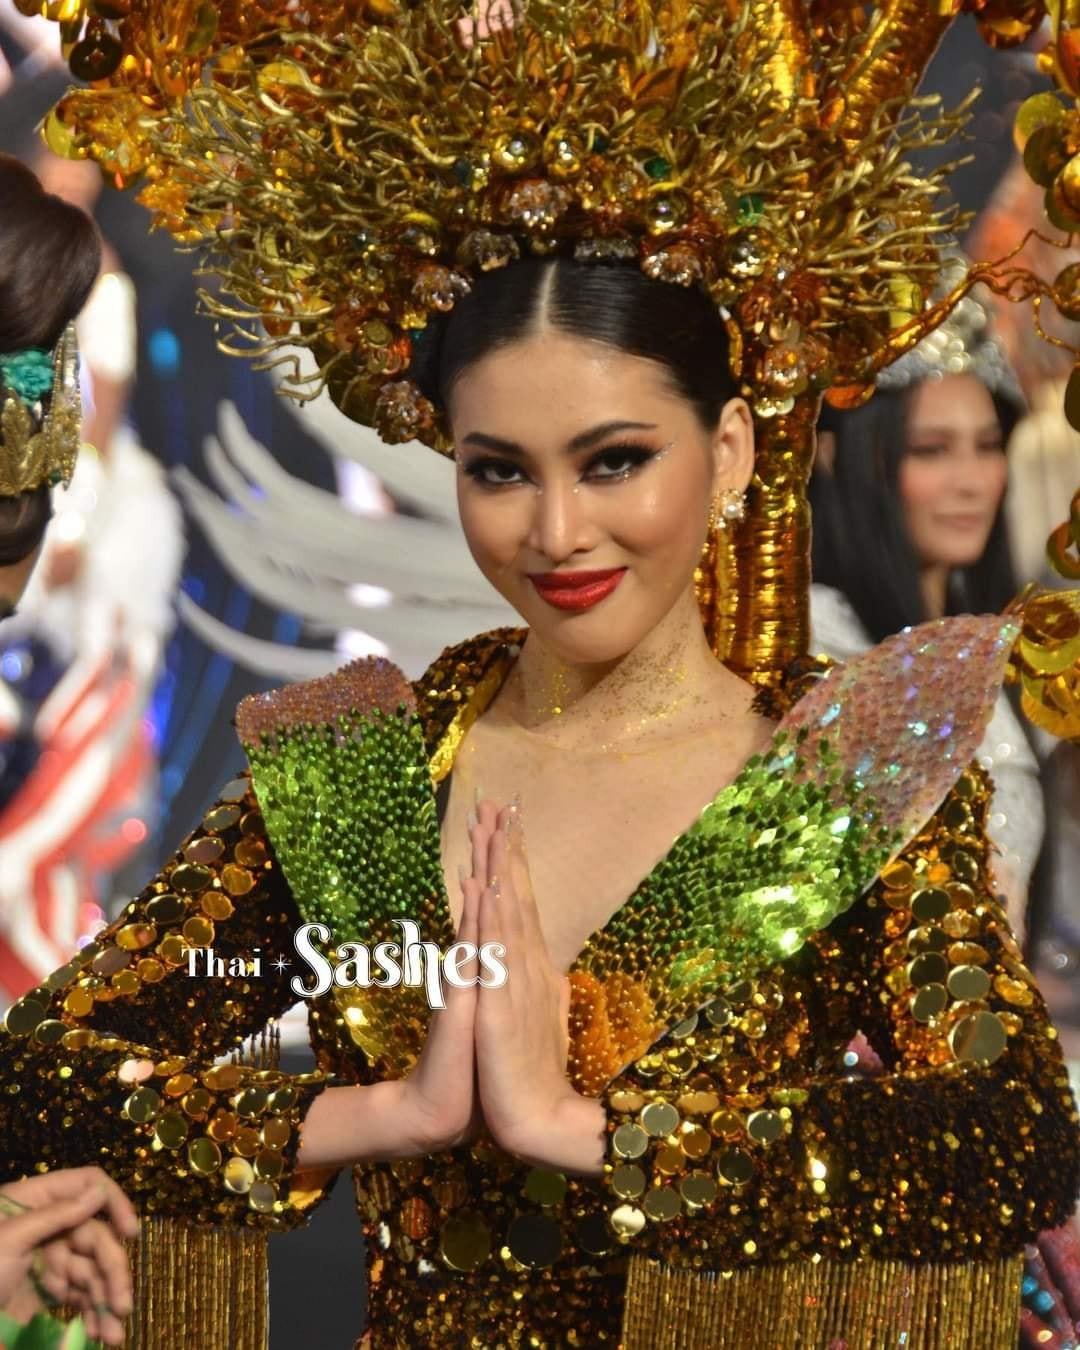 Thần thái 'Lá ngọc cành vàng' kiêu sa của Ngọc Thảo qua ống kính phóng viên quốc tế ảnh 10